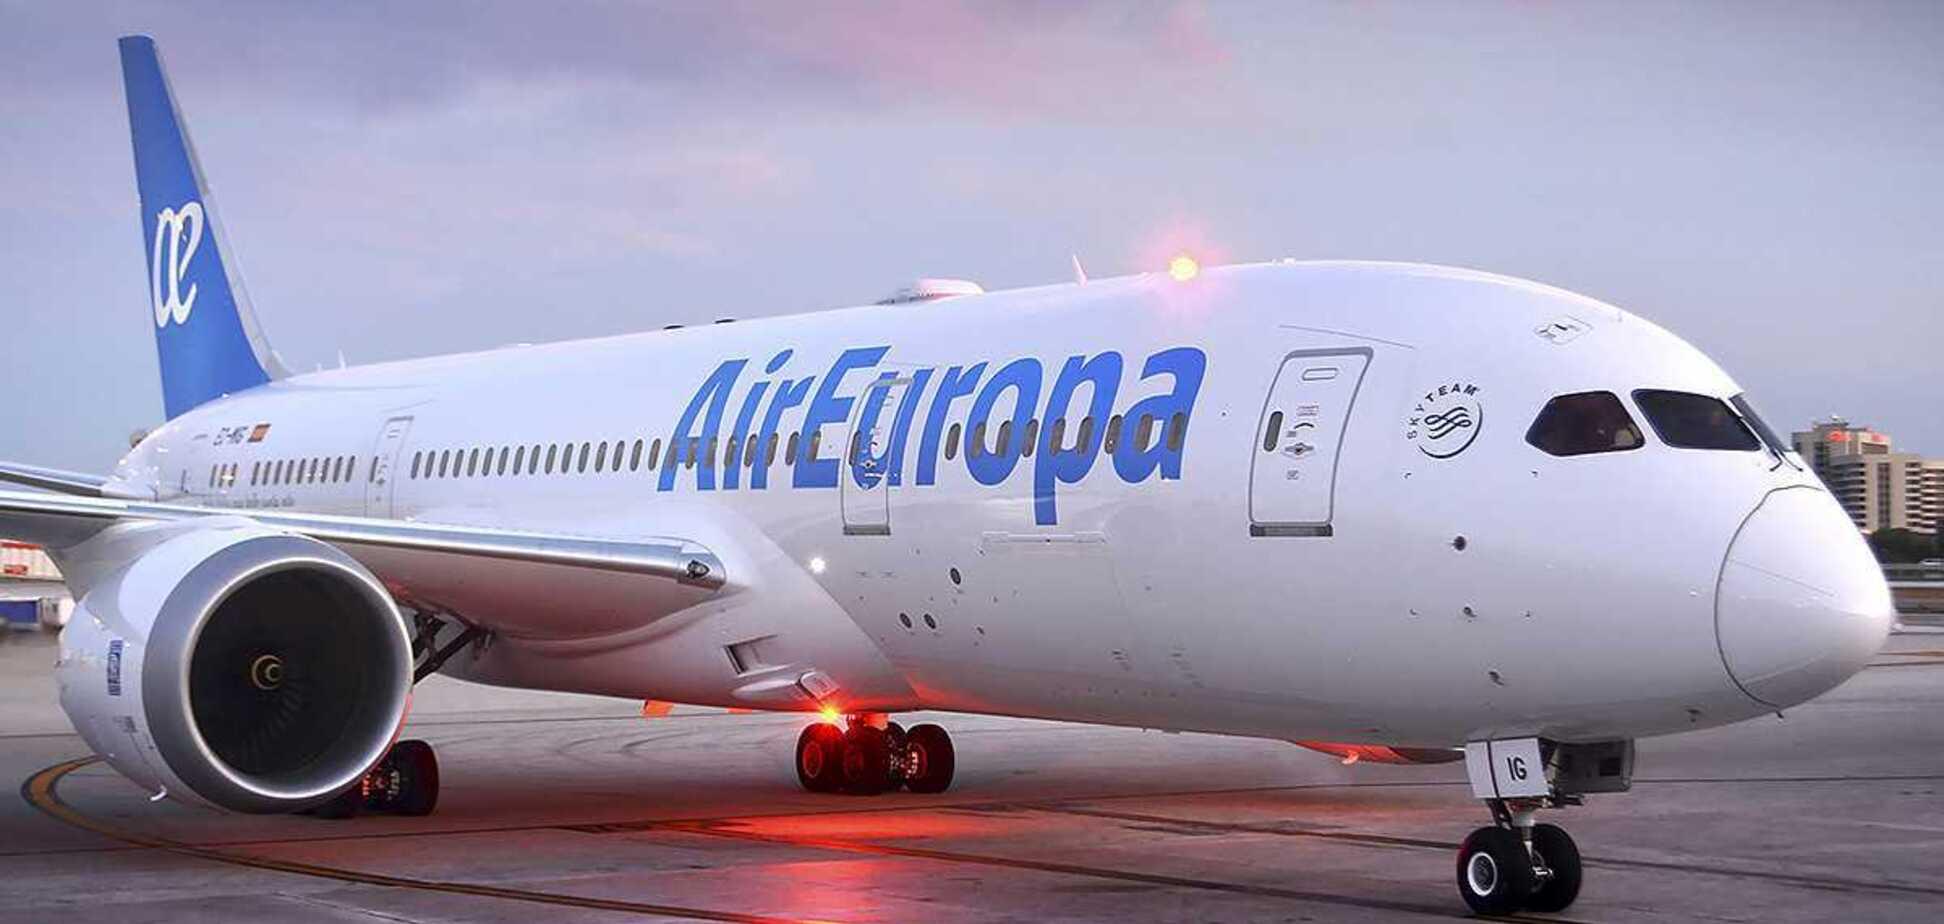 Українець відмовився надягати маску в літаку